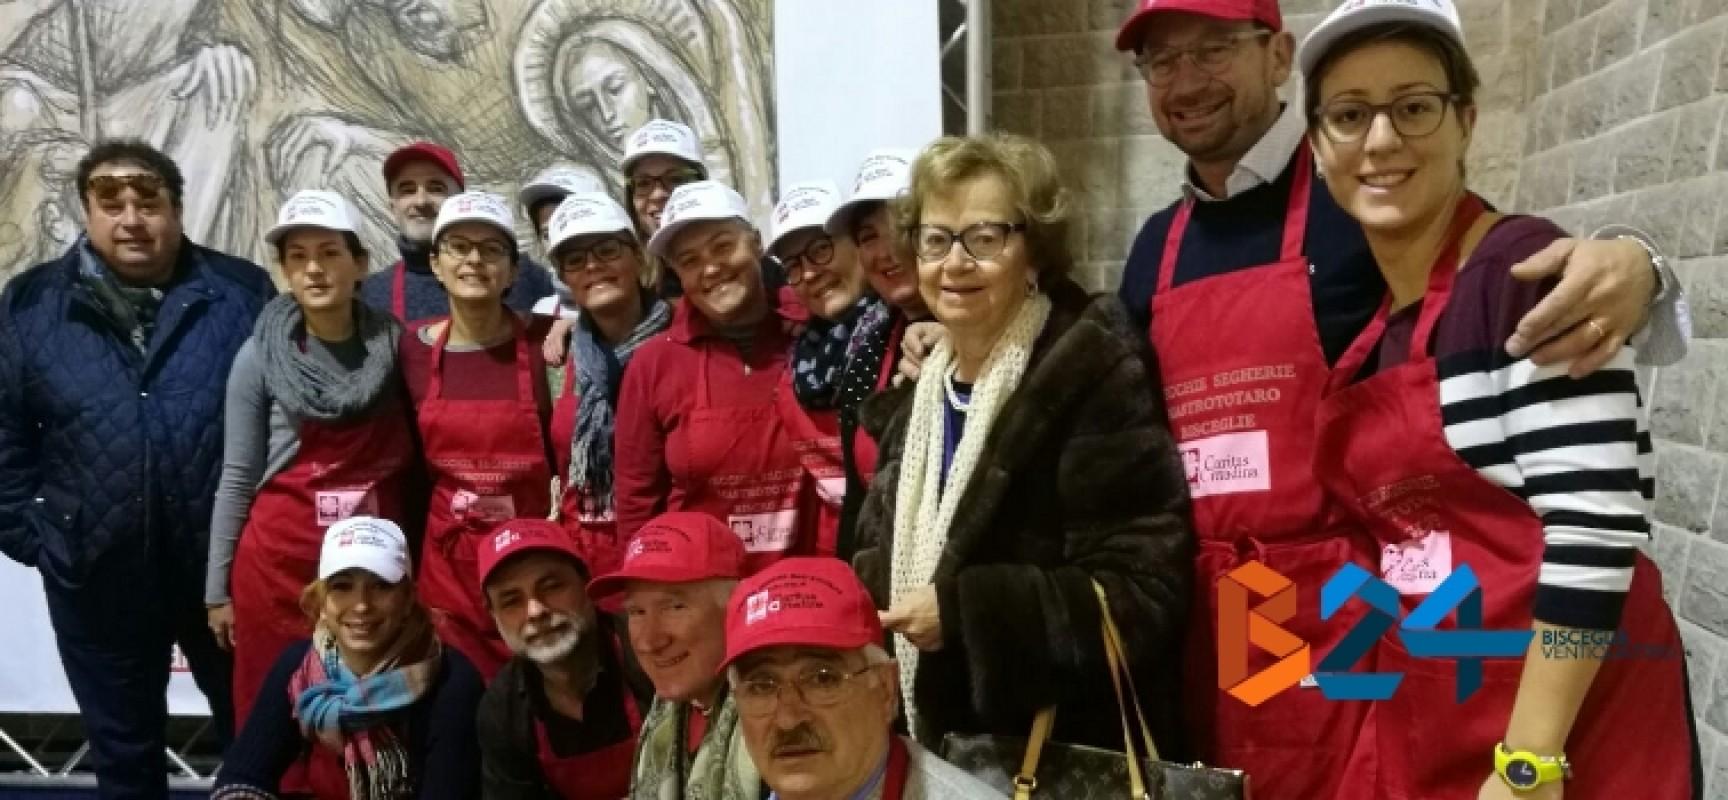 La Caritas cittadina avvia i preparativi per il pranzo di Natale